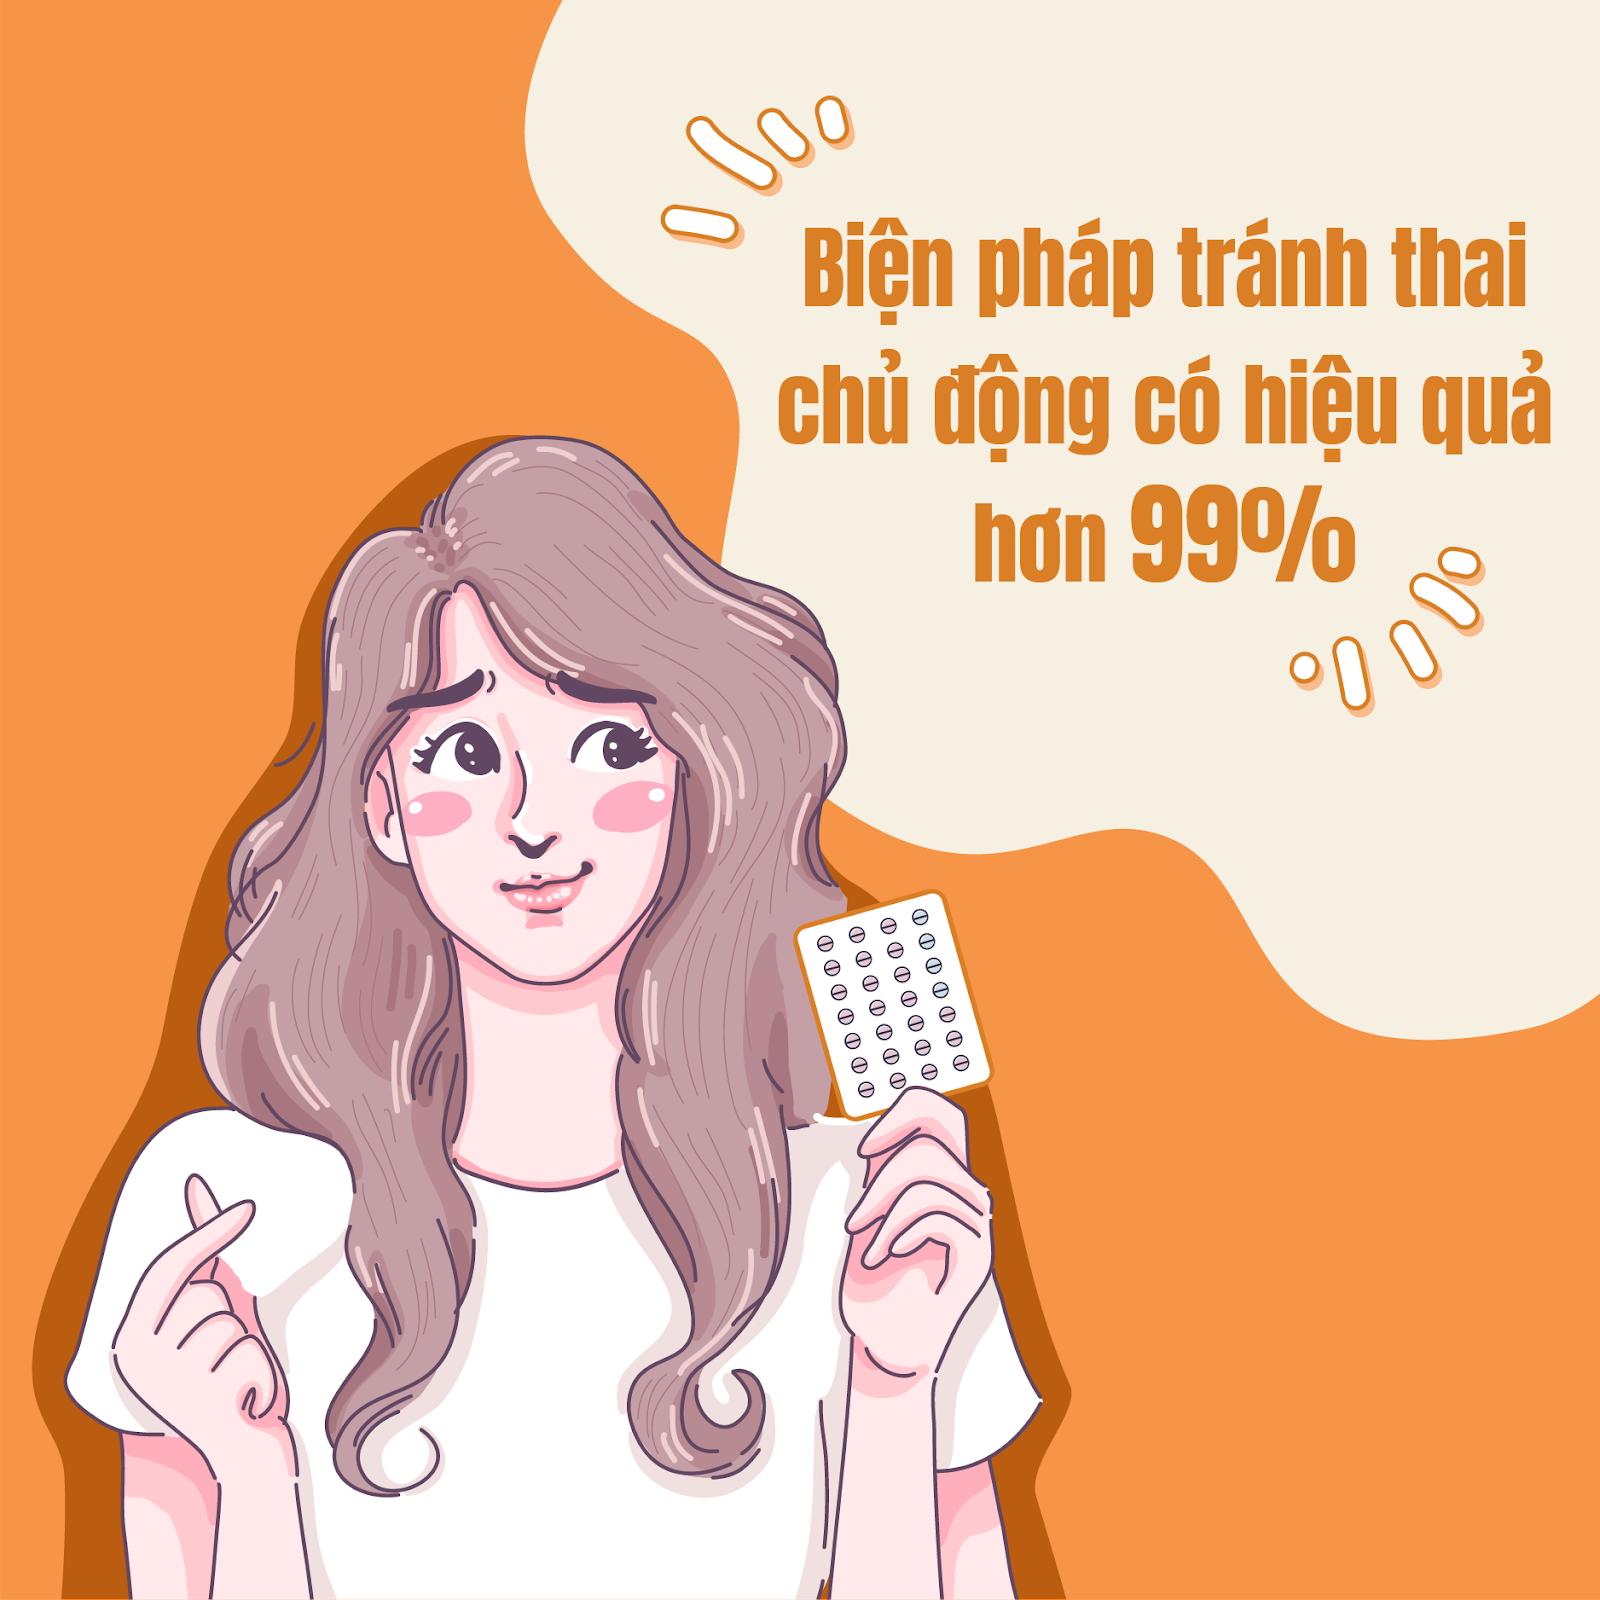 """Tranh thai bang """"ao mua"""" ma mac 5 sai lam nay thi som muon gi cung """"toang""""!"""